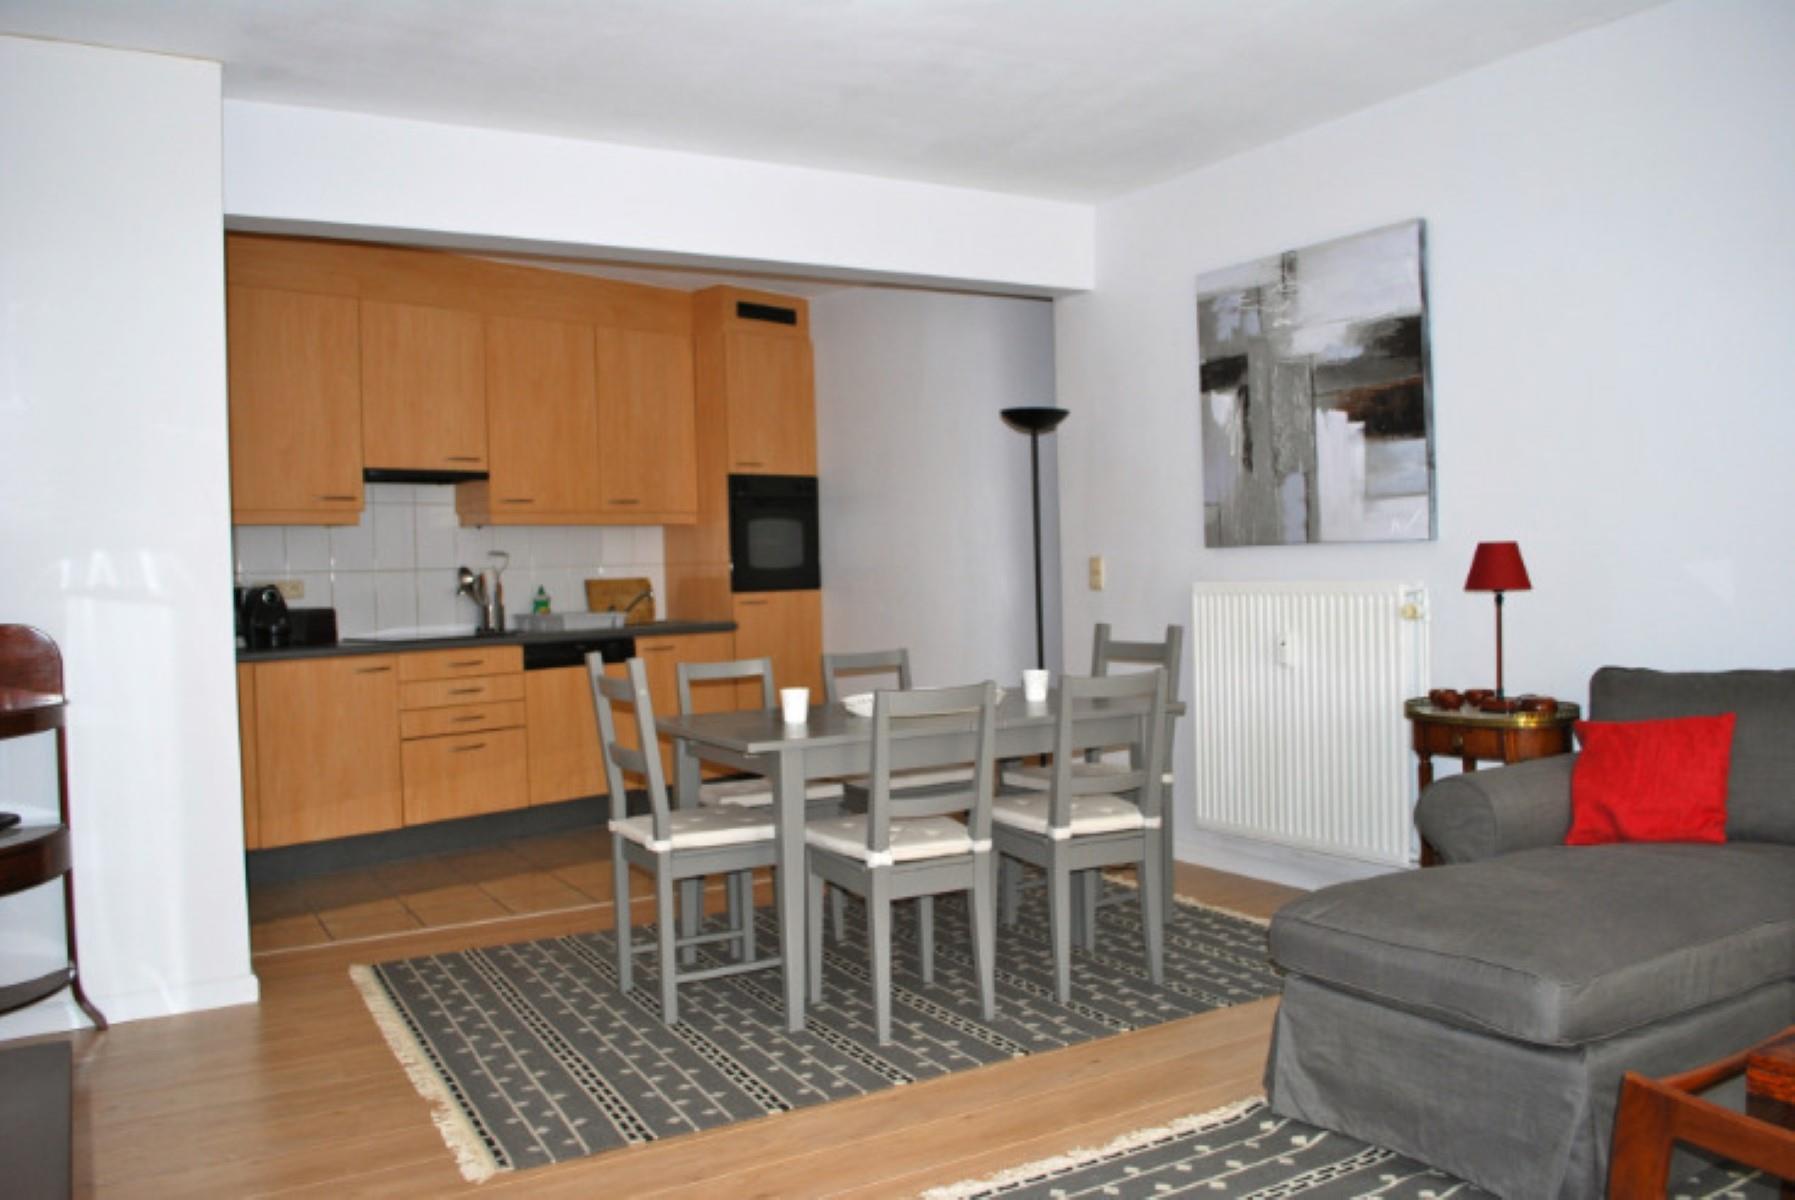 Appartement - Etterbeek - #4496097-2